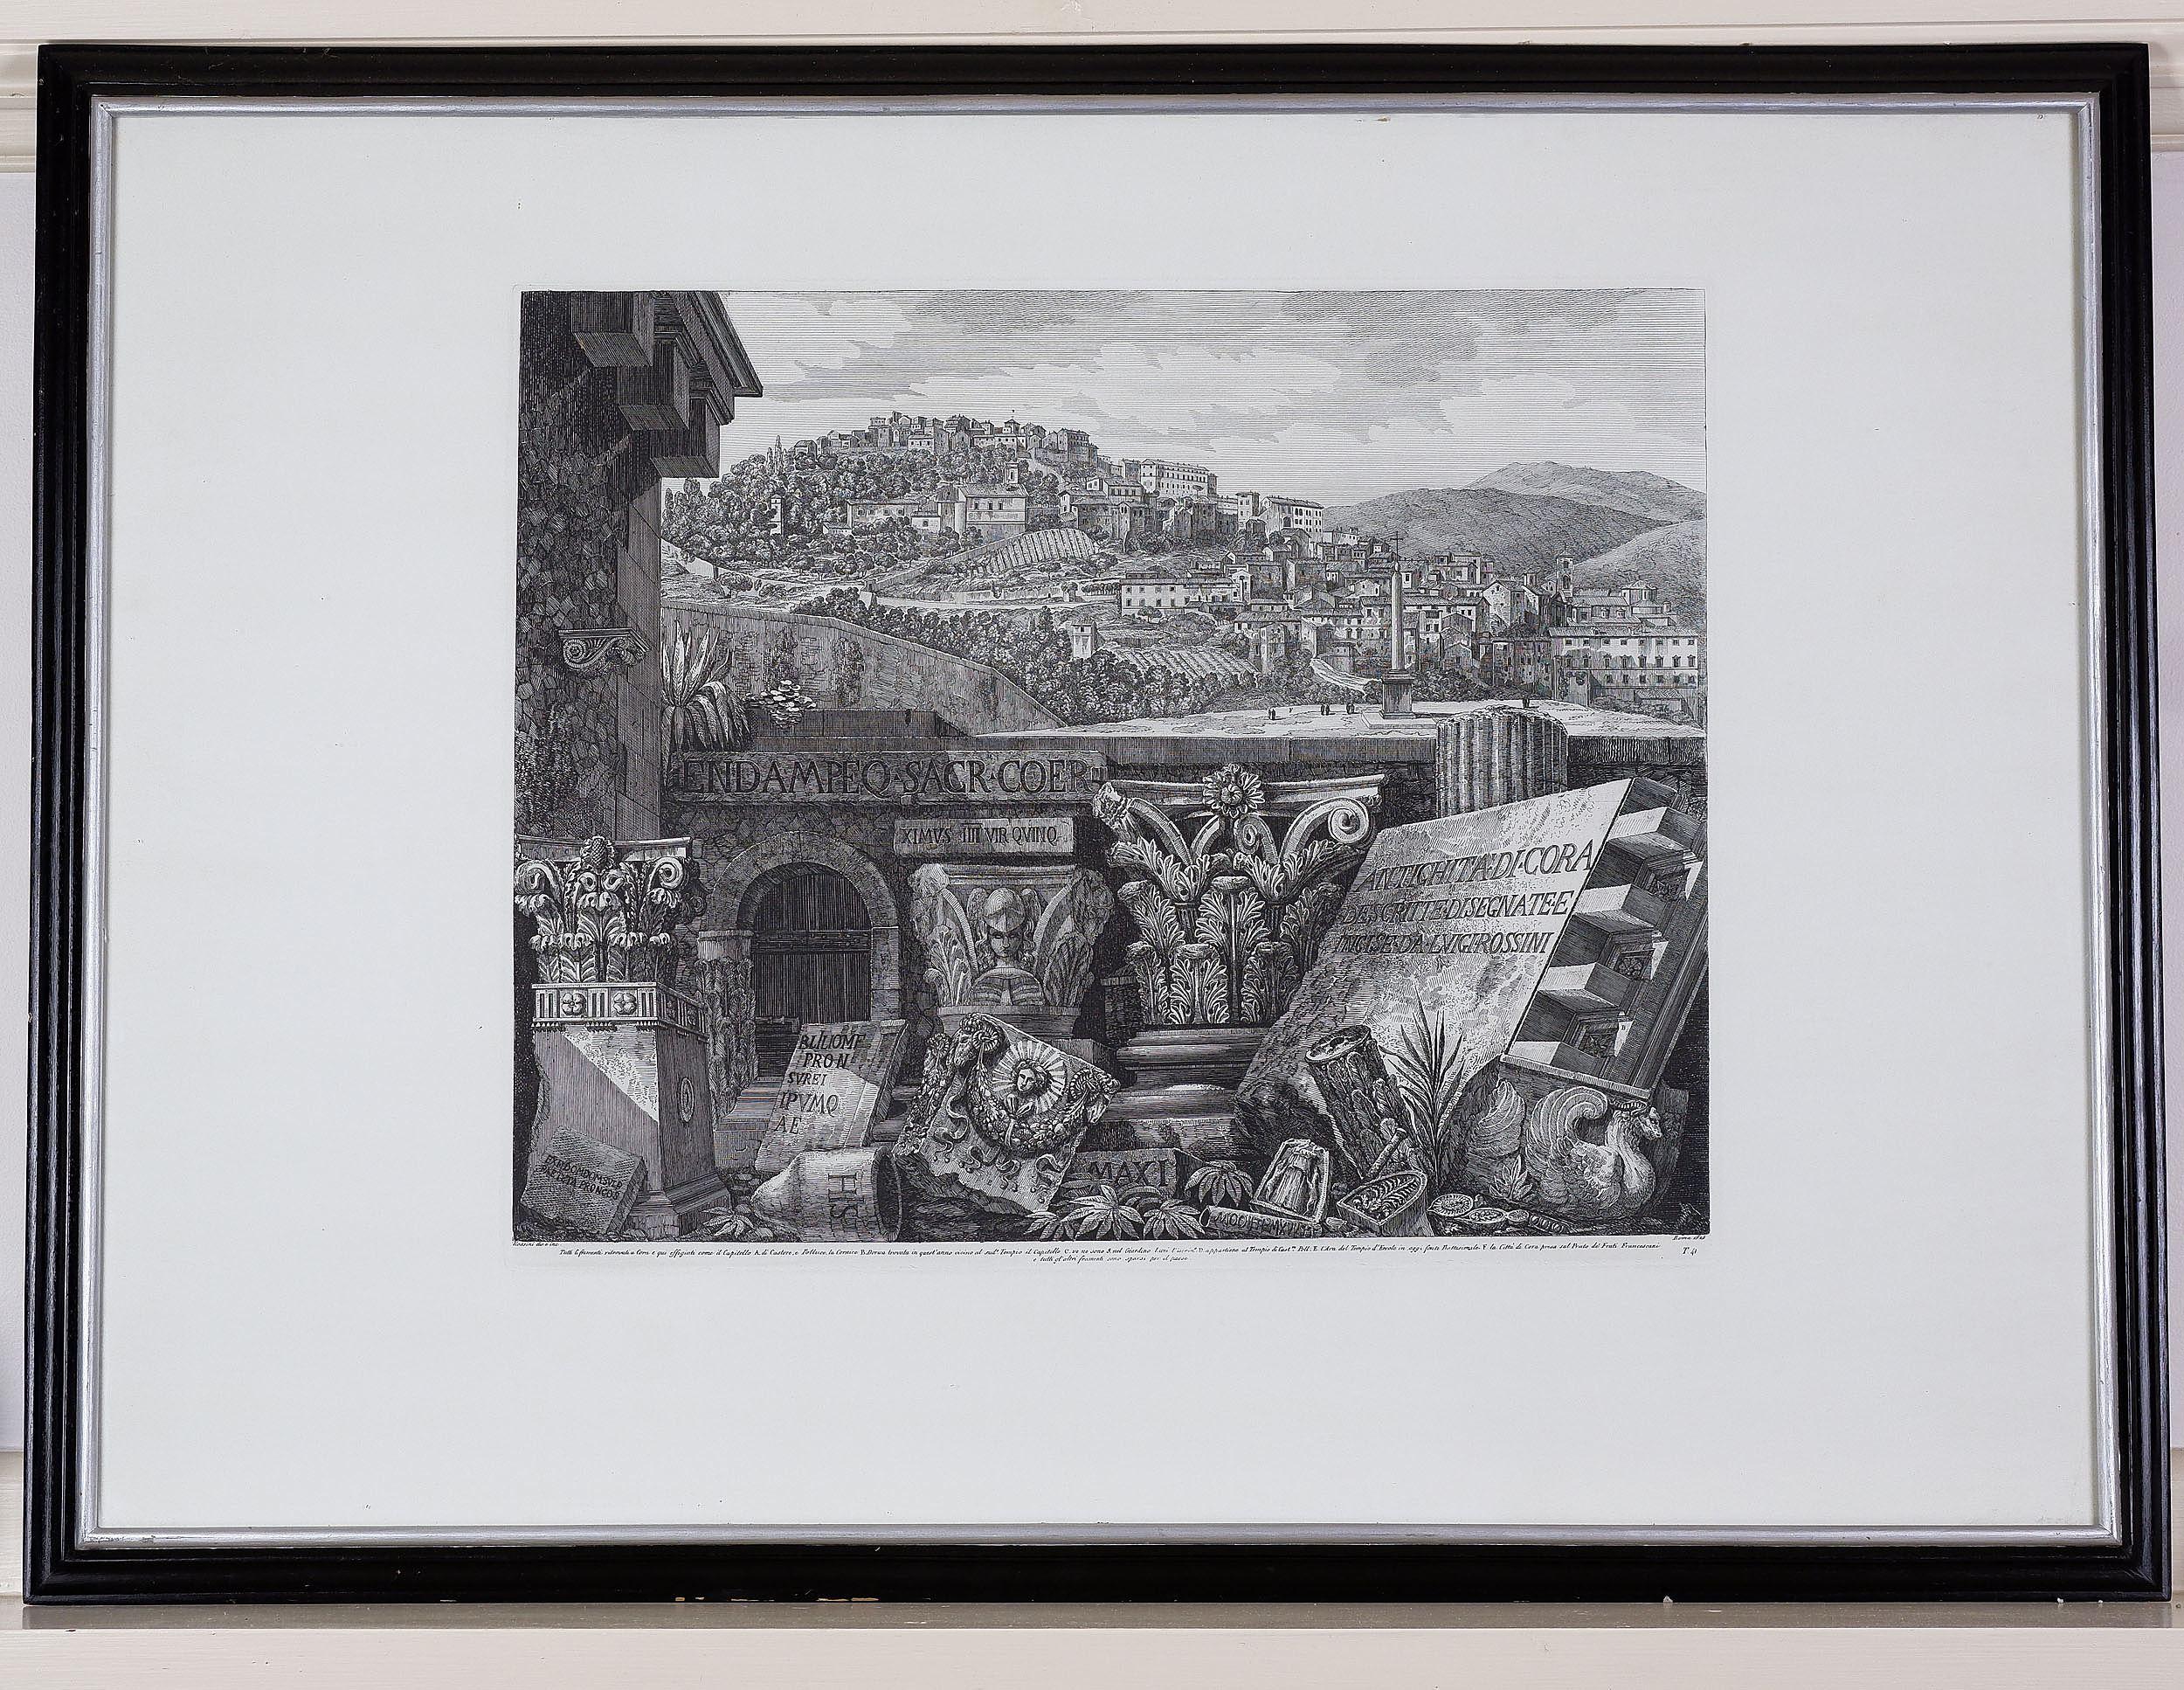 'Luigi Rossini (Italian 1790-1857) Capitals and Ruins in Cora 1825, Engraving'